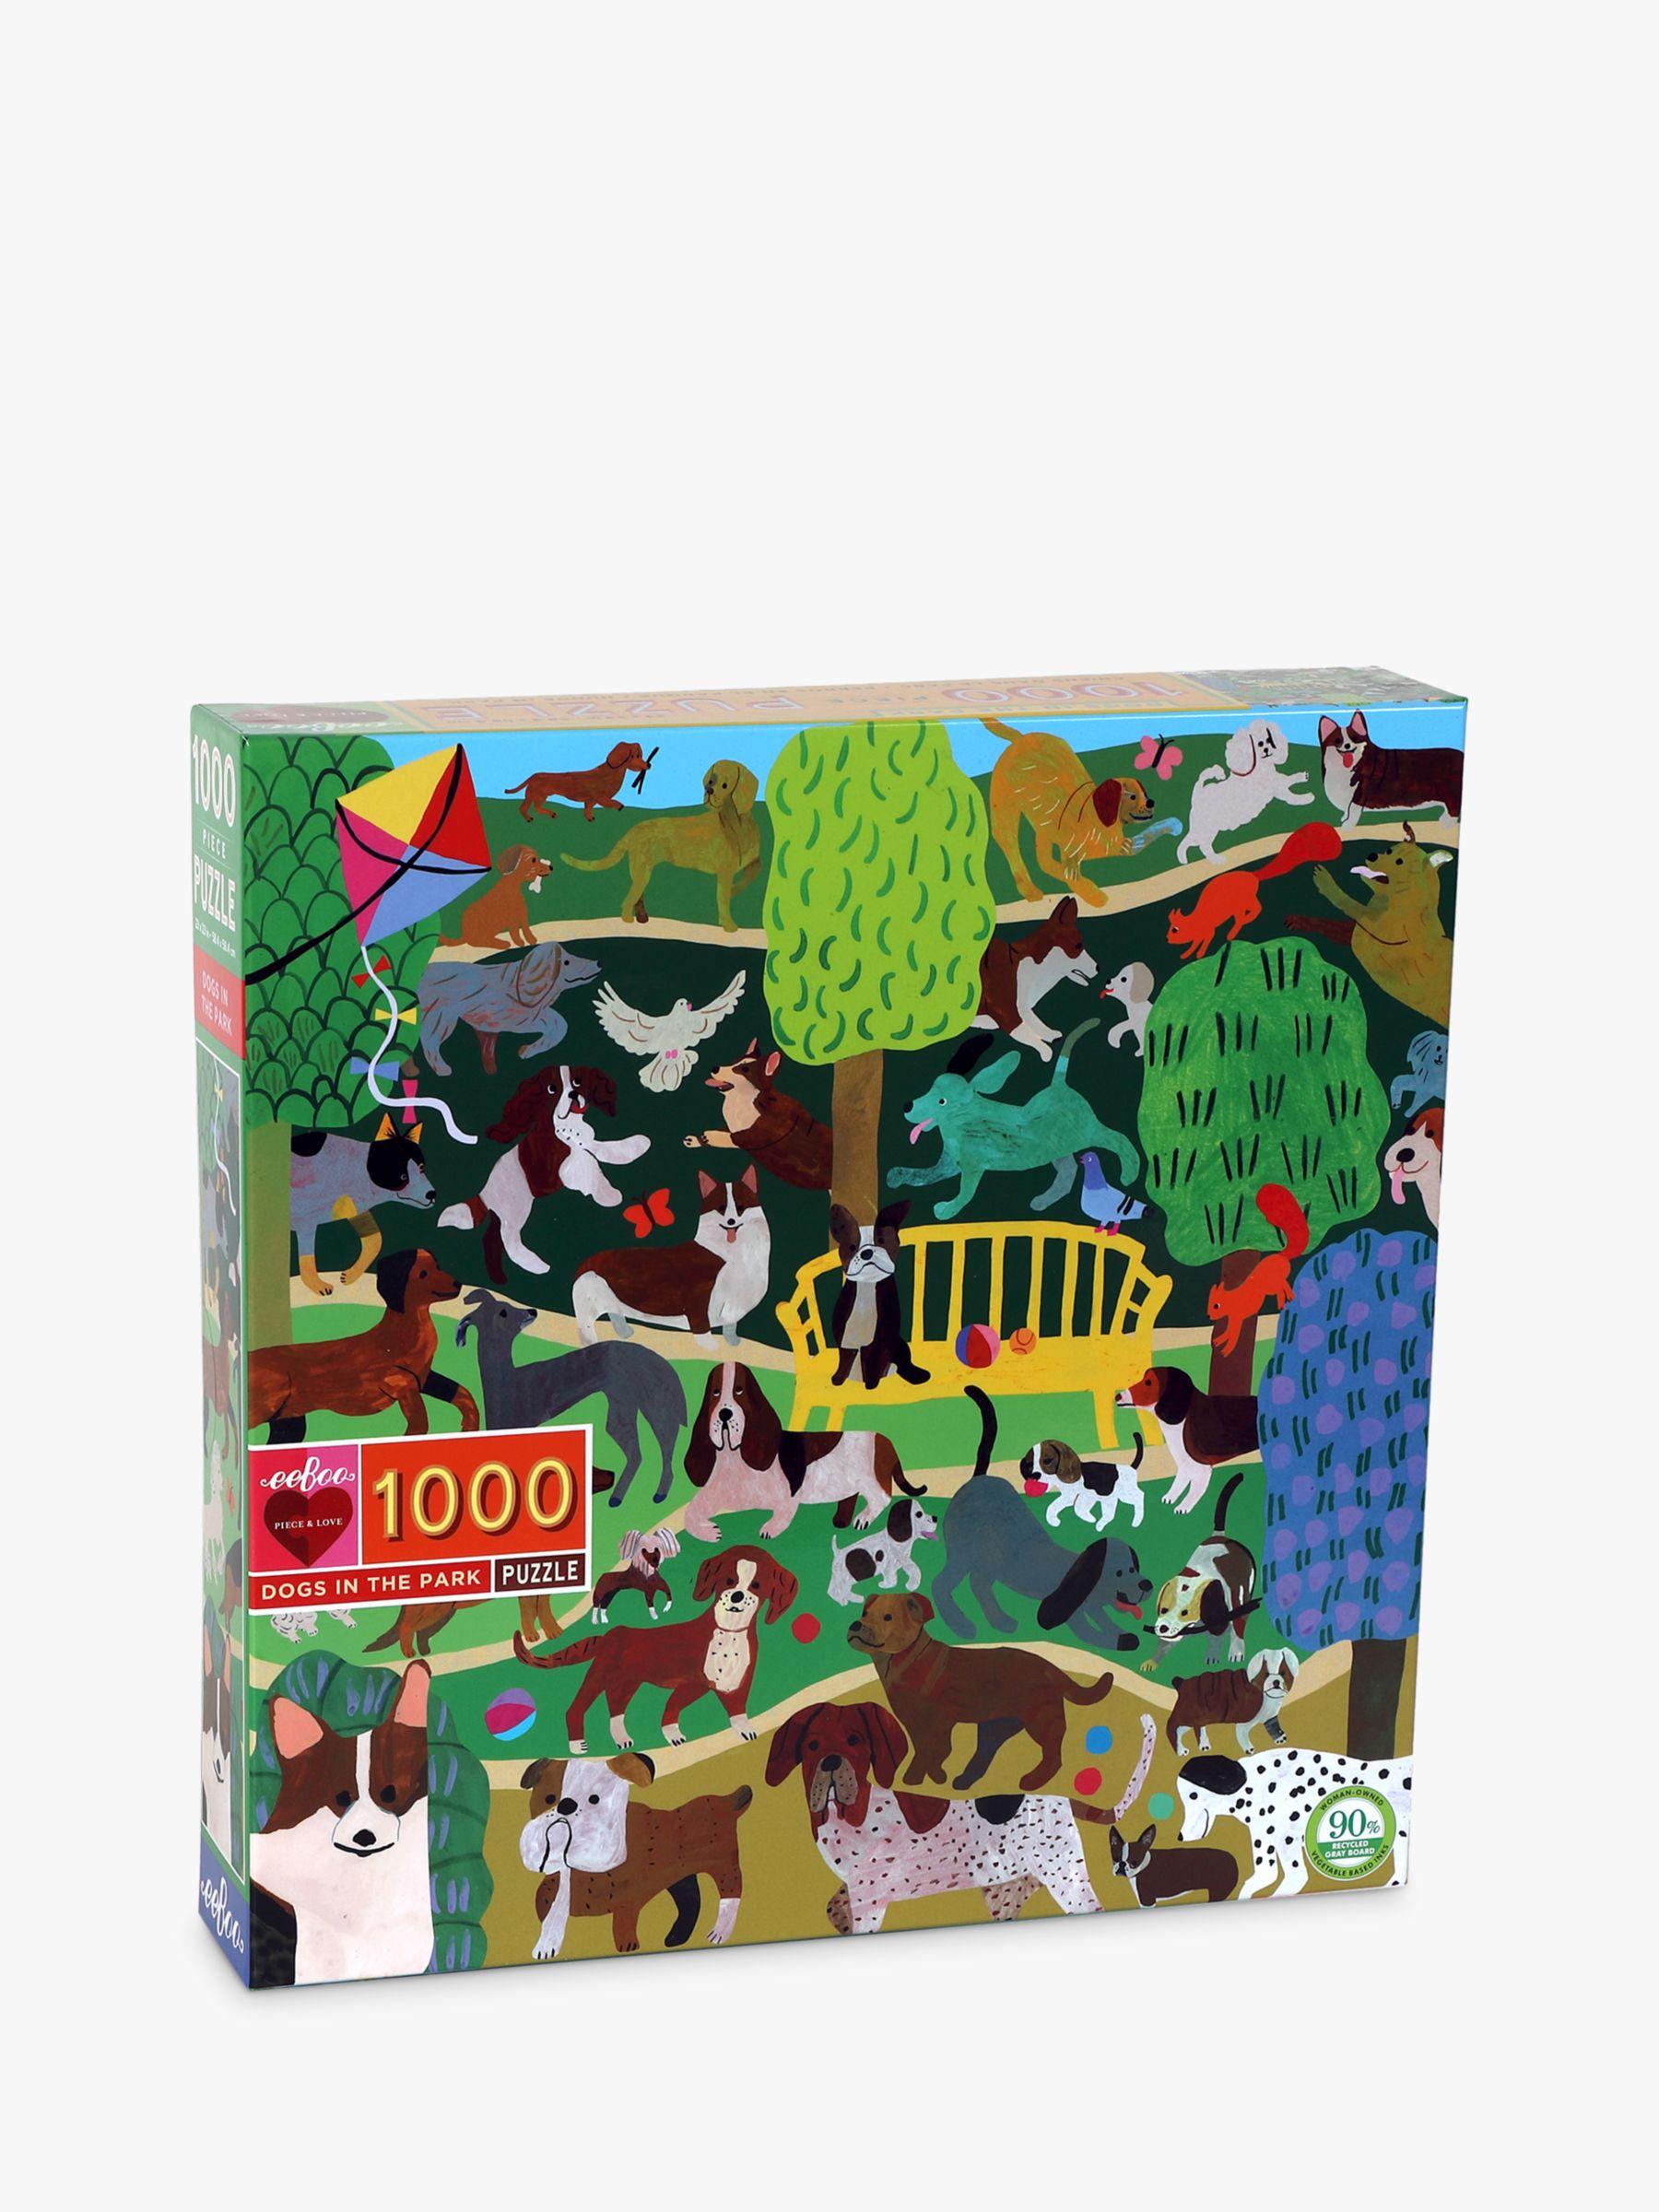 Eeboo eeBoo Monika Forsberg Dogs in the Park Jigsaw Puzzle, 1000 Pieces